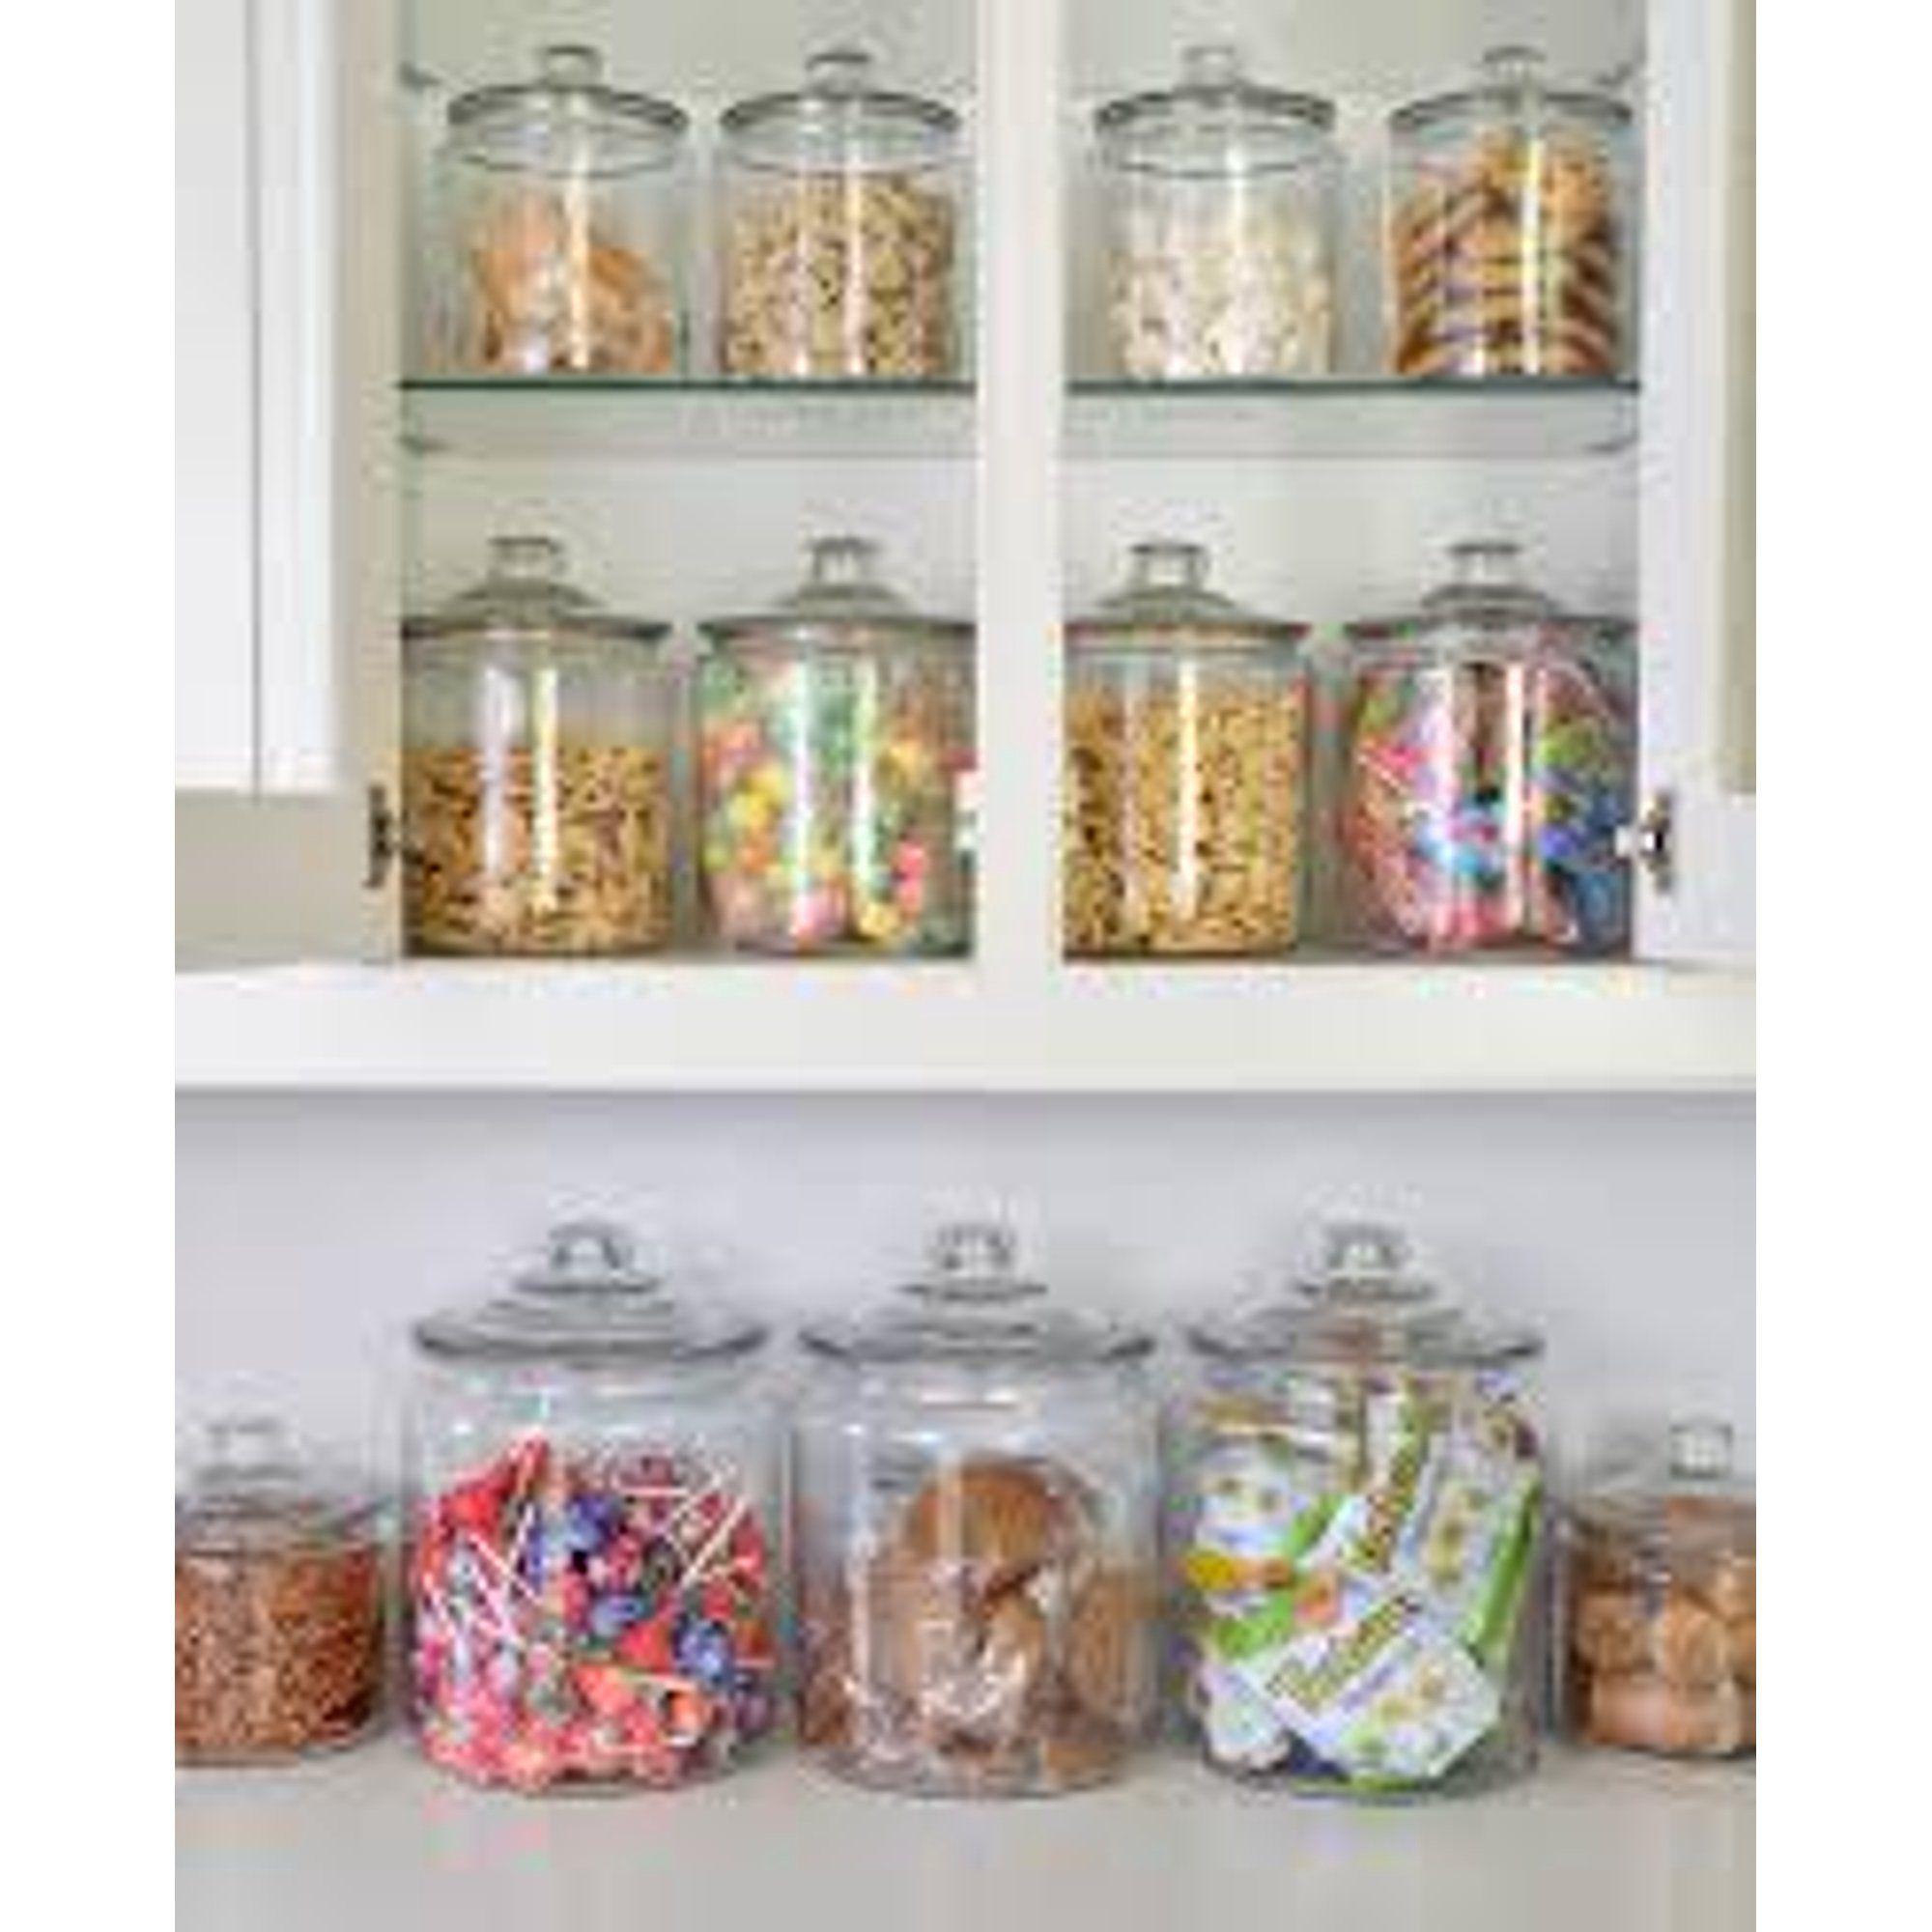 Anchor Hocking Glass Storage Heritage Hill Jar 1 Gal Walmart Com In 2021 Glass Storage Glass Jar Storage Jar Storage